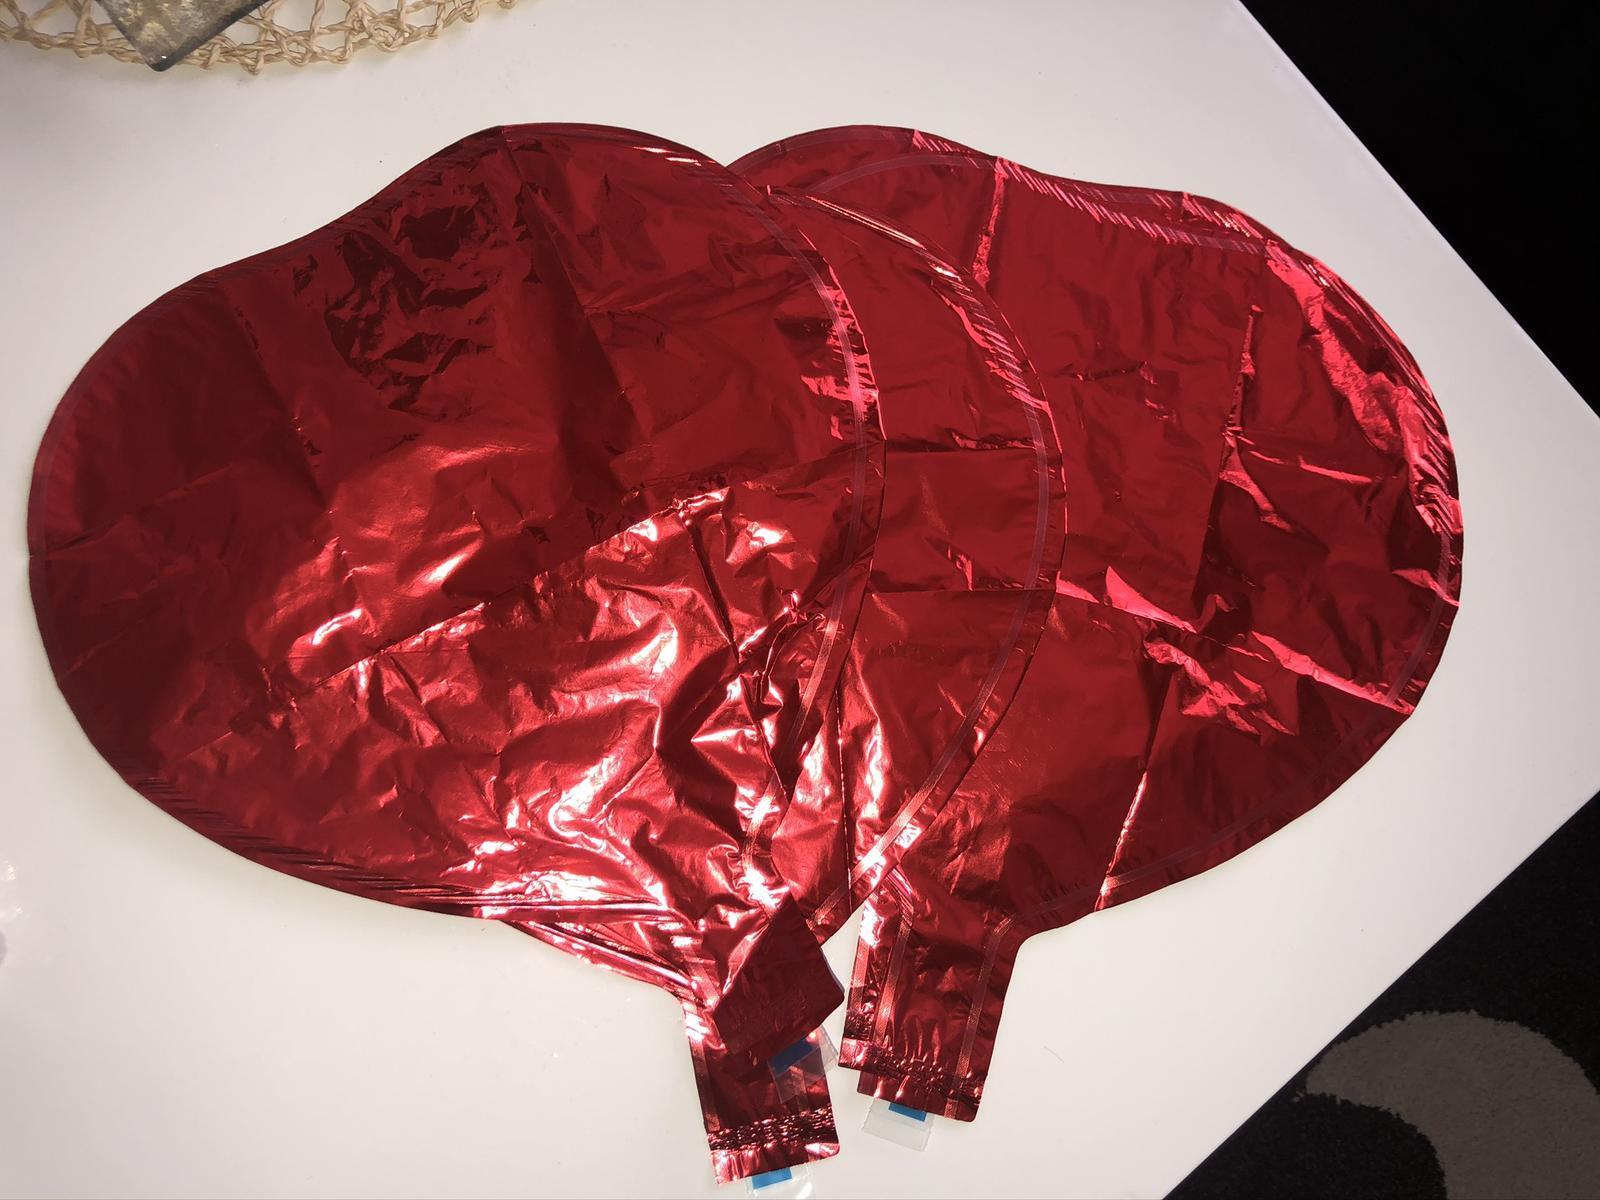 srdce balonky - Obrázek č. 1